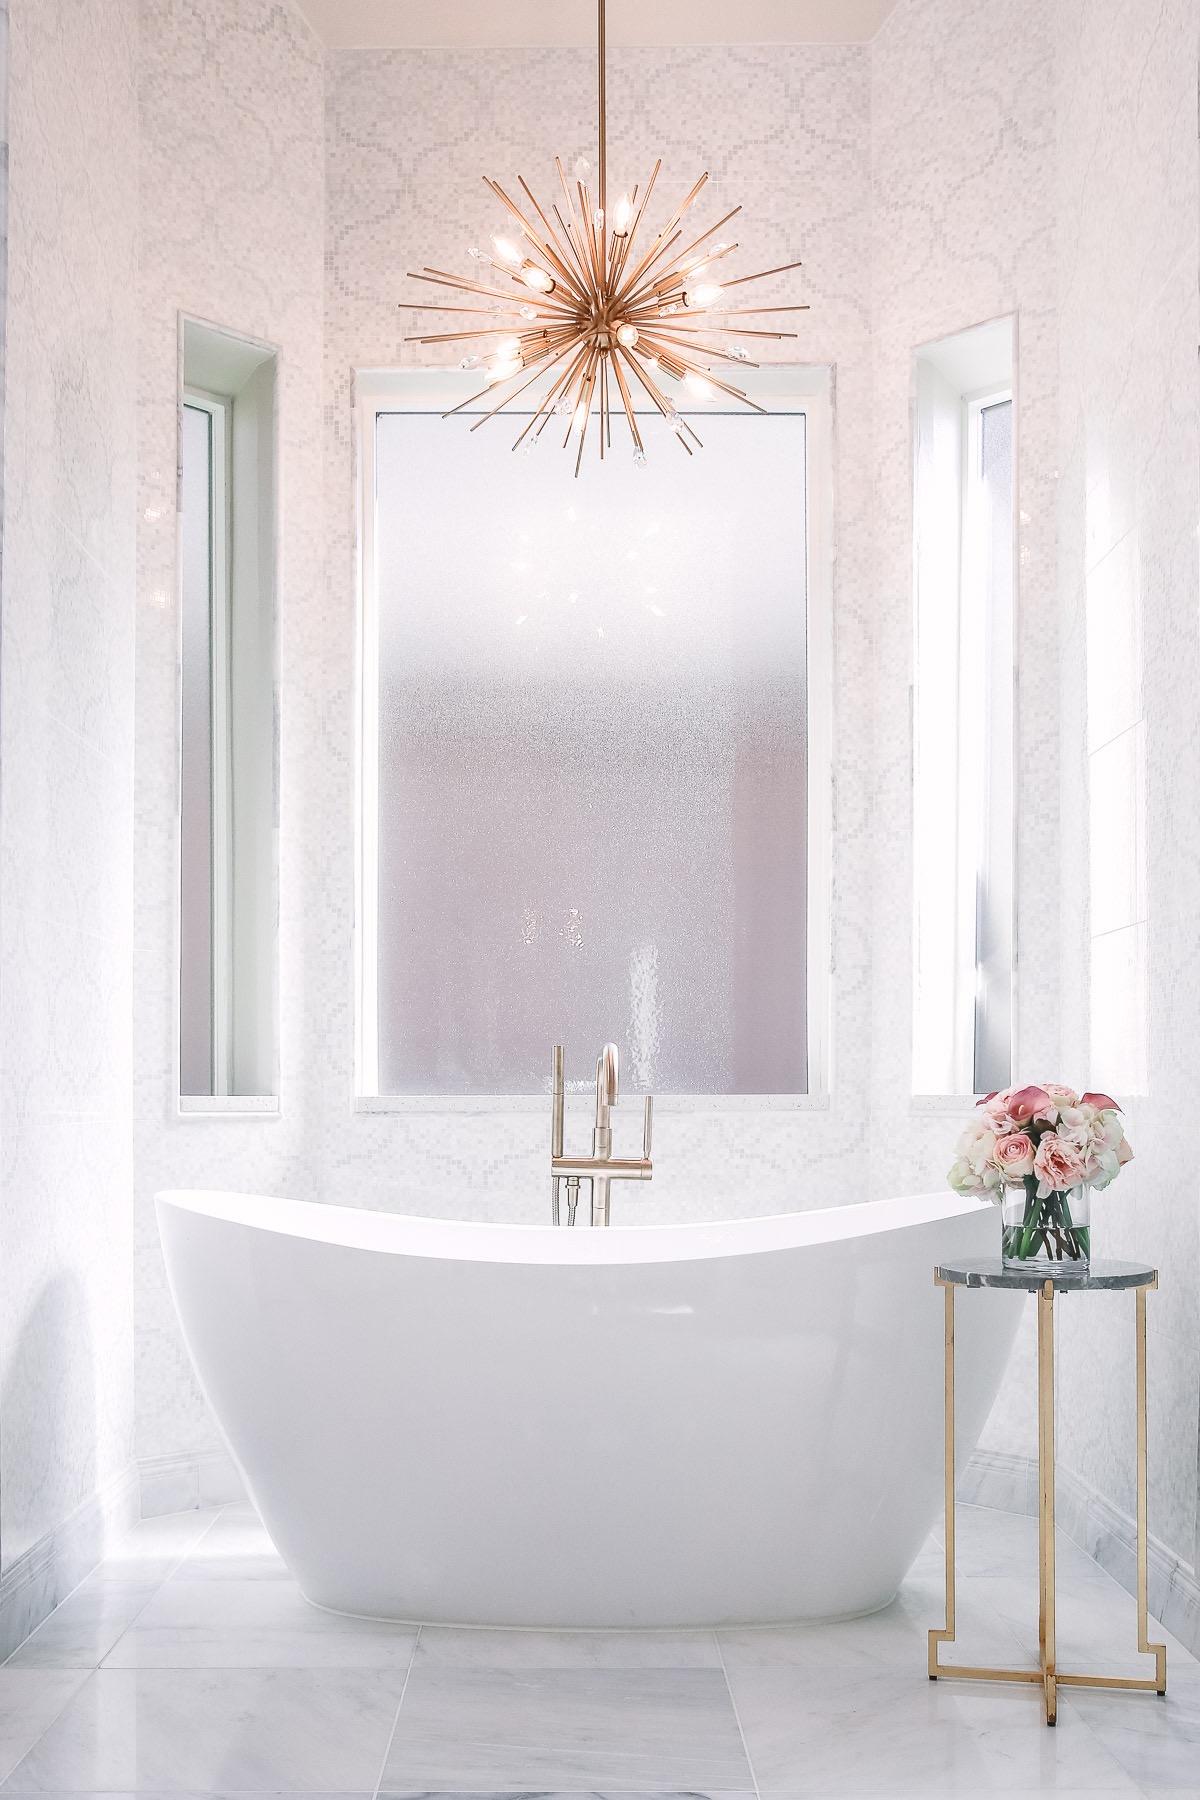 bathroom-lamps-plus-lighting.jpg